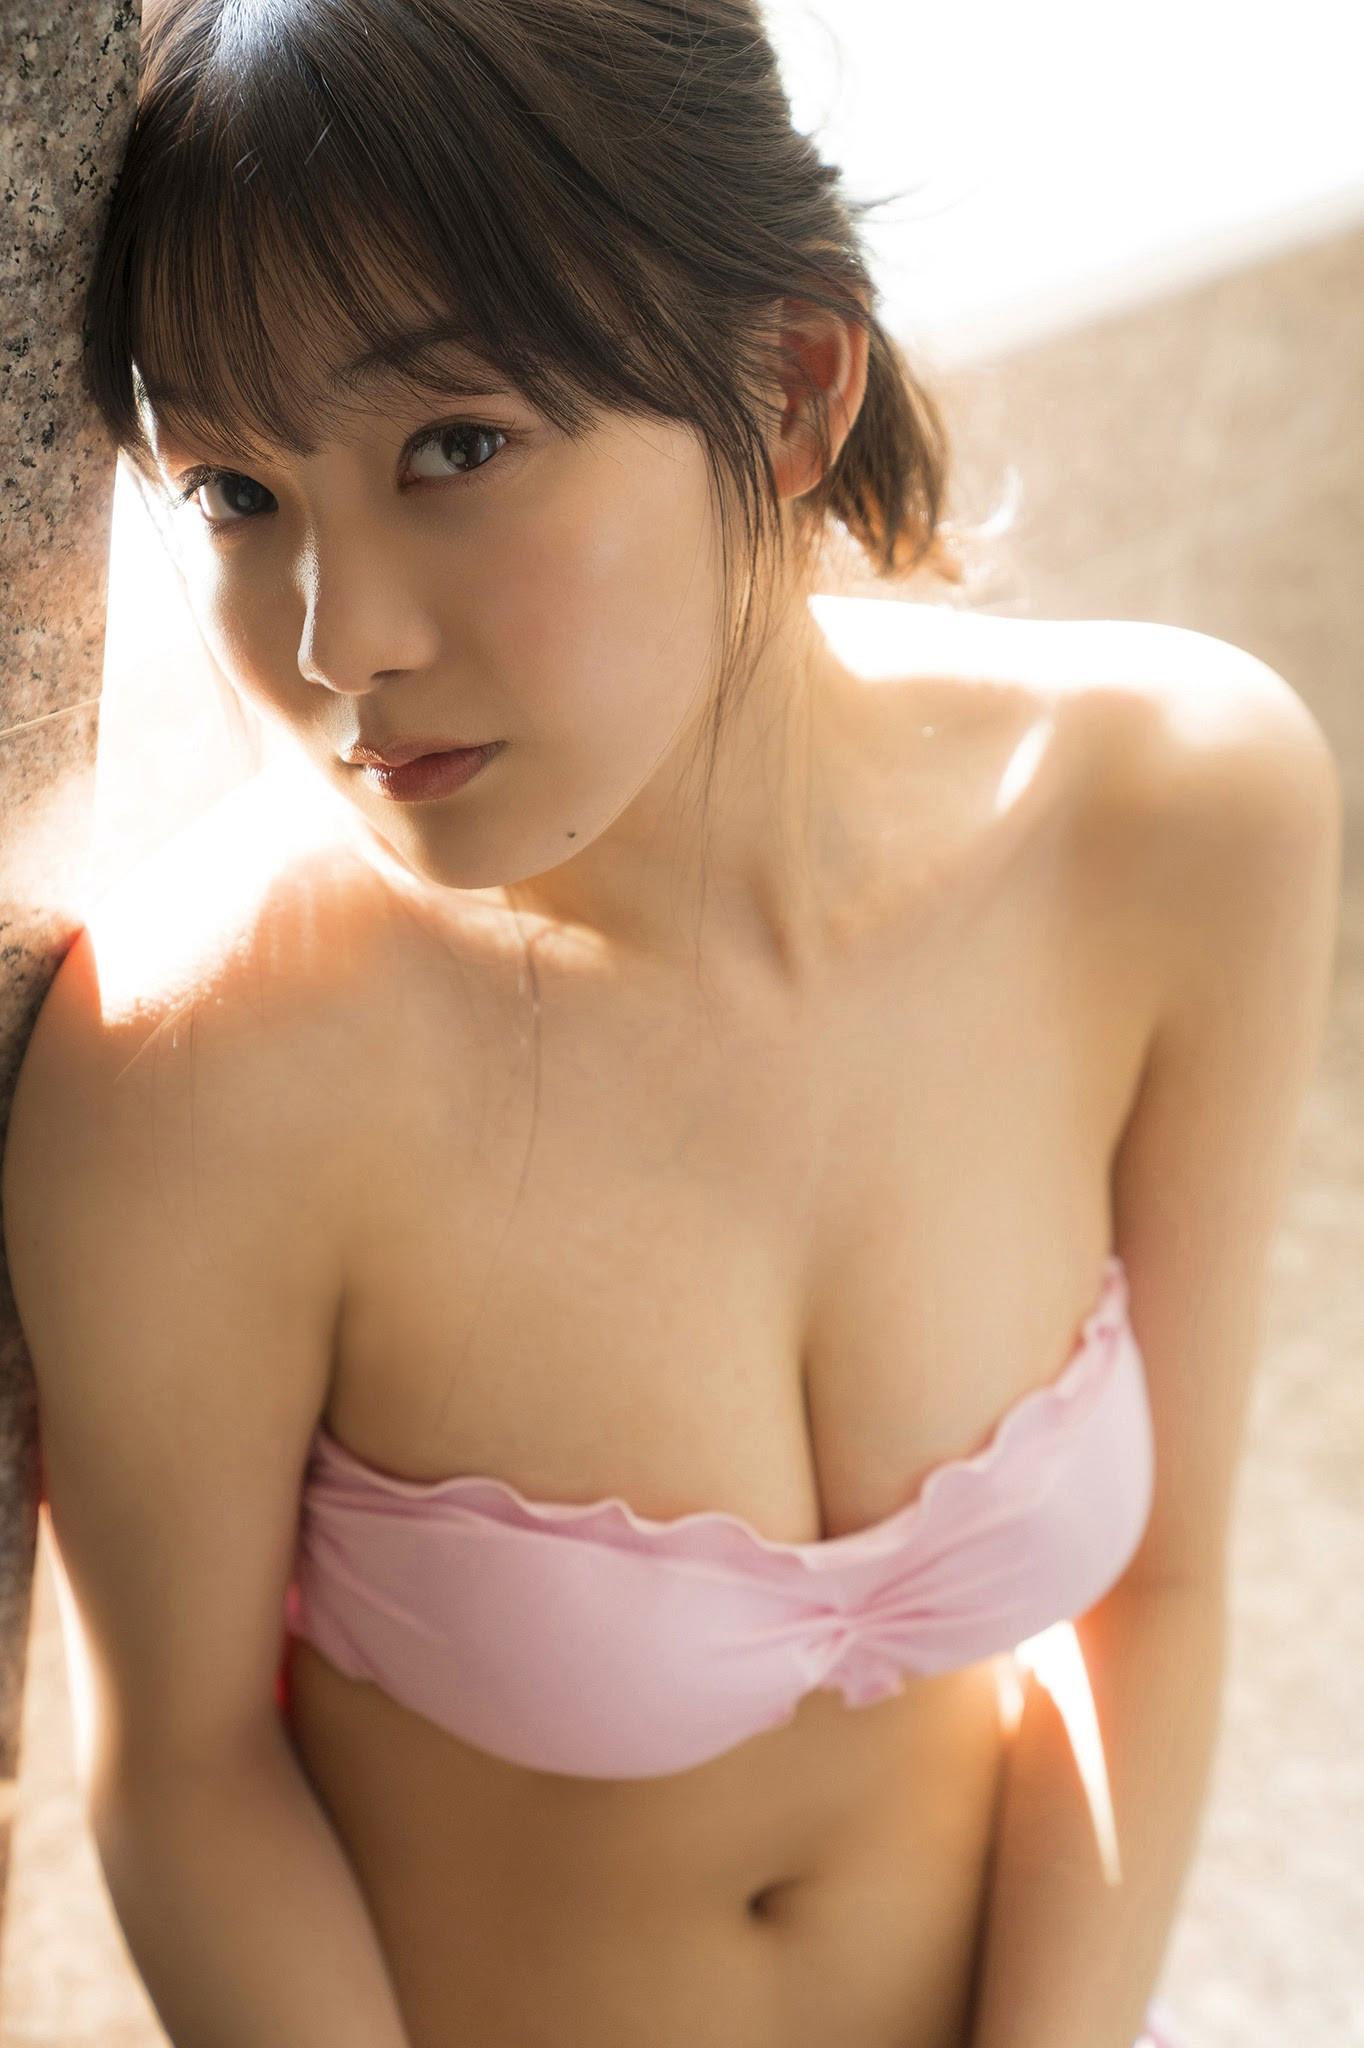 [Yanmaga Web] 夏目綾が撮る!「ナツメカメラ」第4回 吉澤遥奈 015